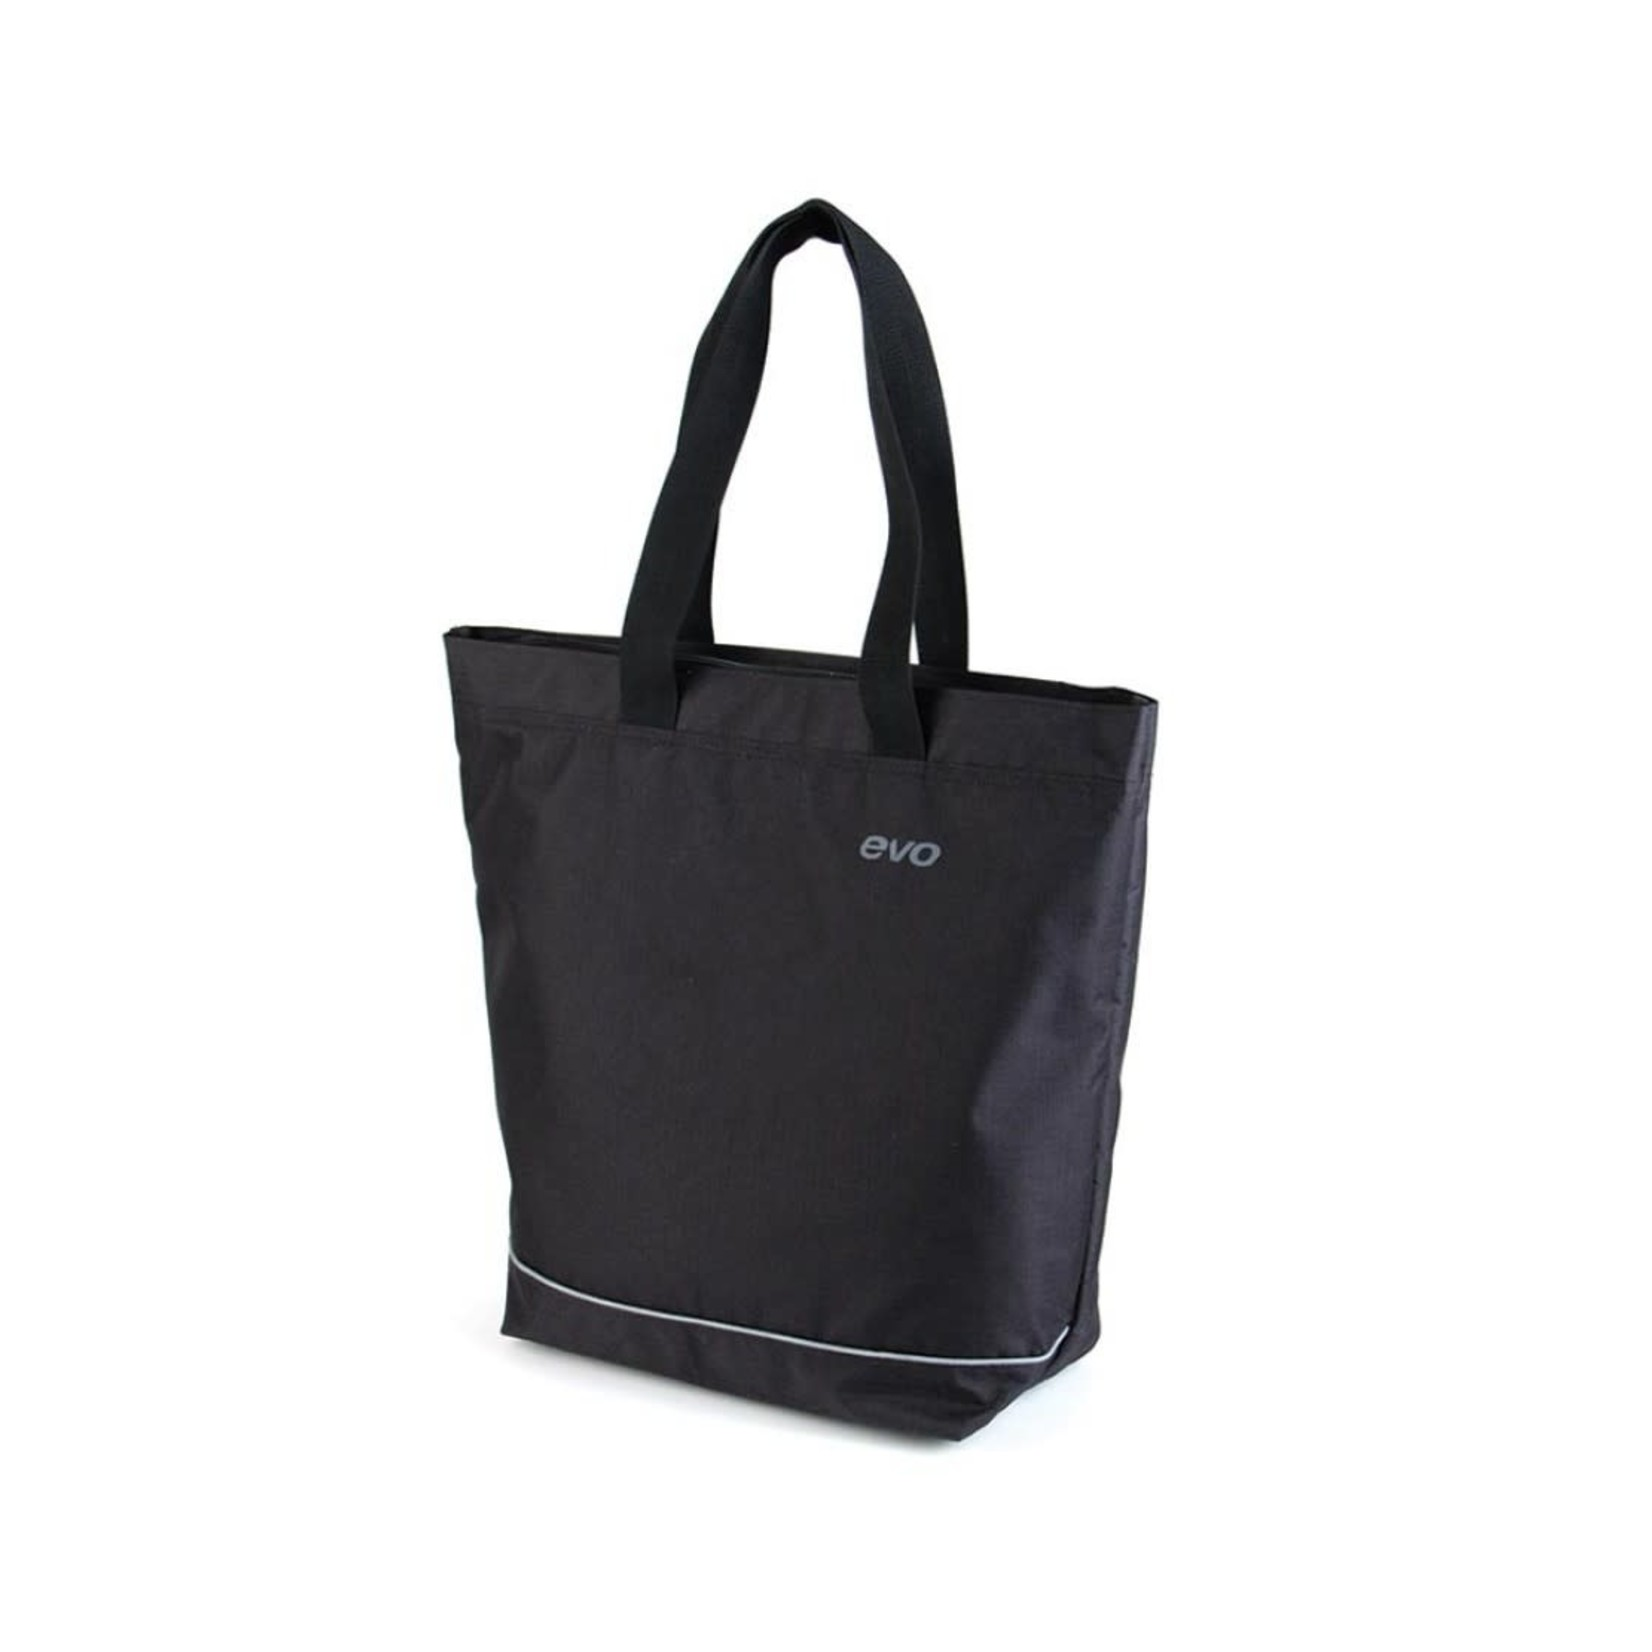 Evo EVO E-Cargo Side Shopper Grocery Bag